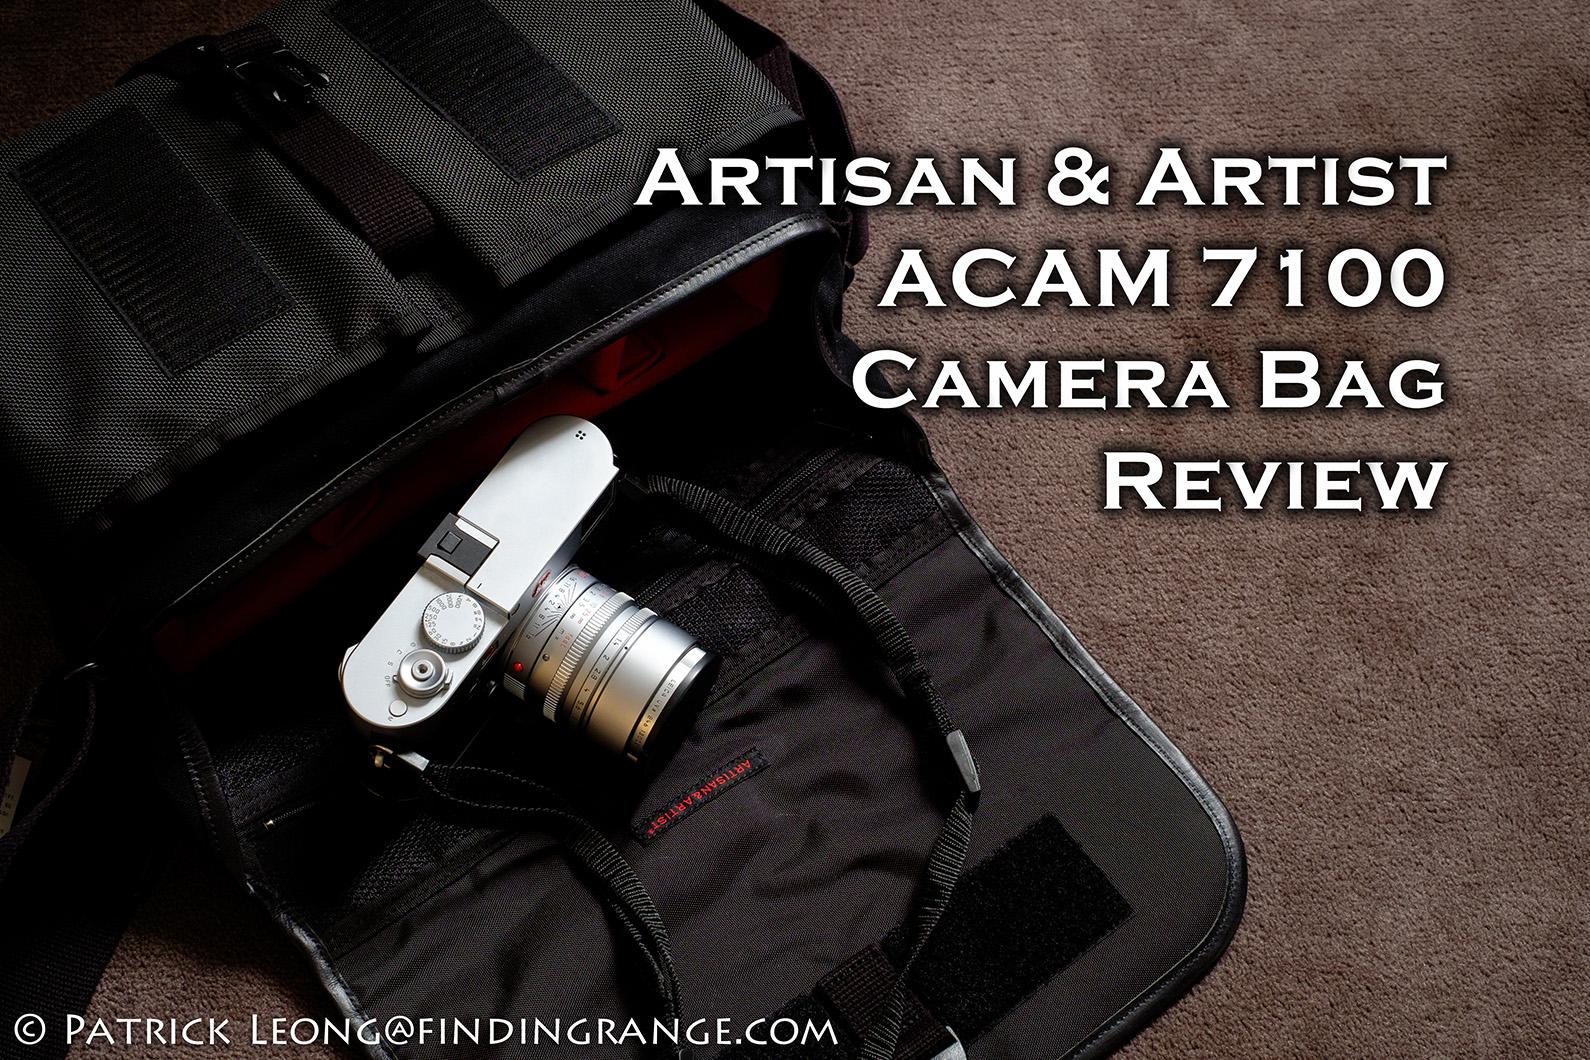 Artisan-Artist-ACAM-7100-Camera-Bag-Review-1